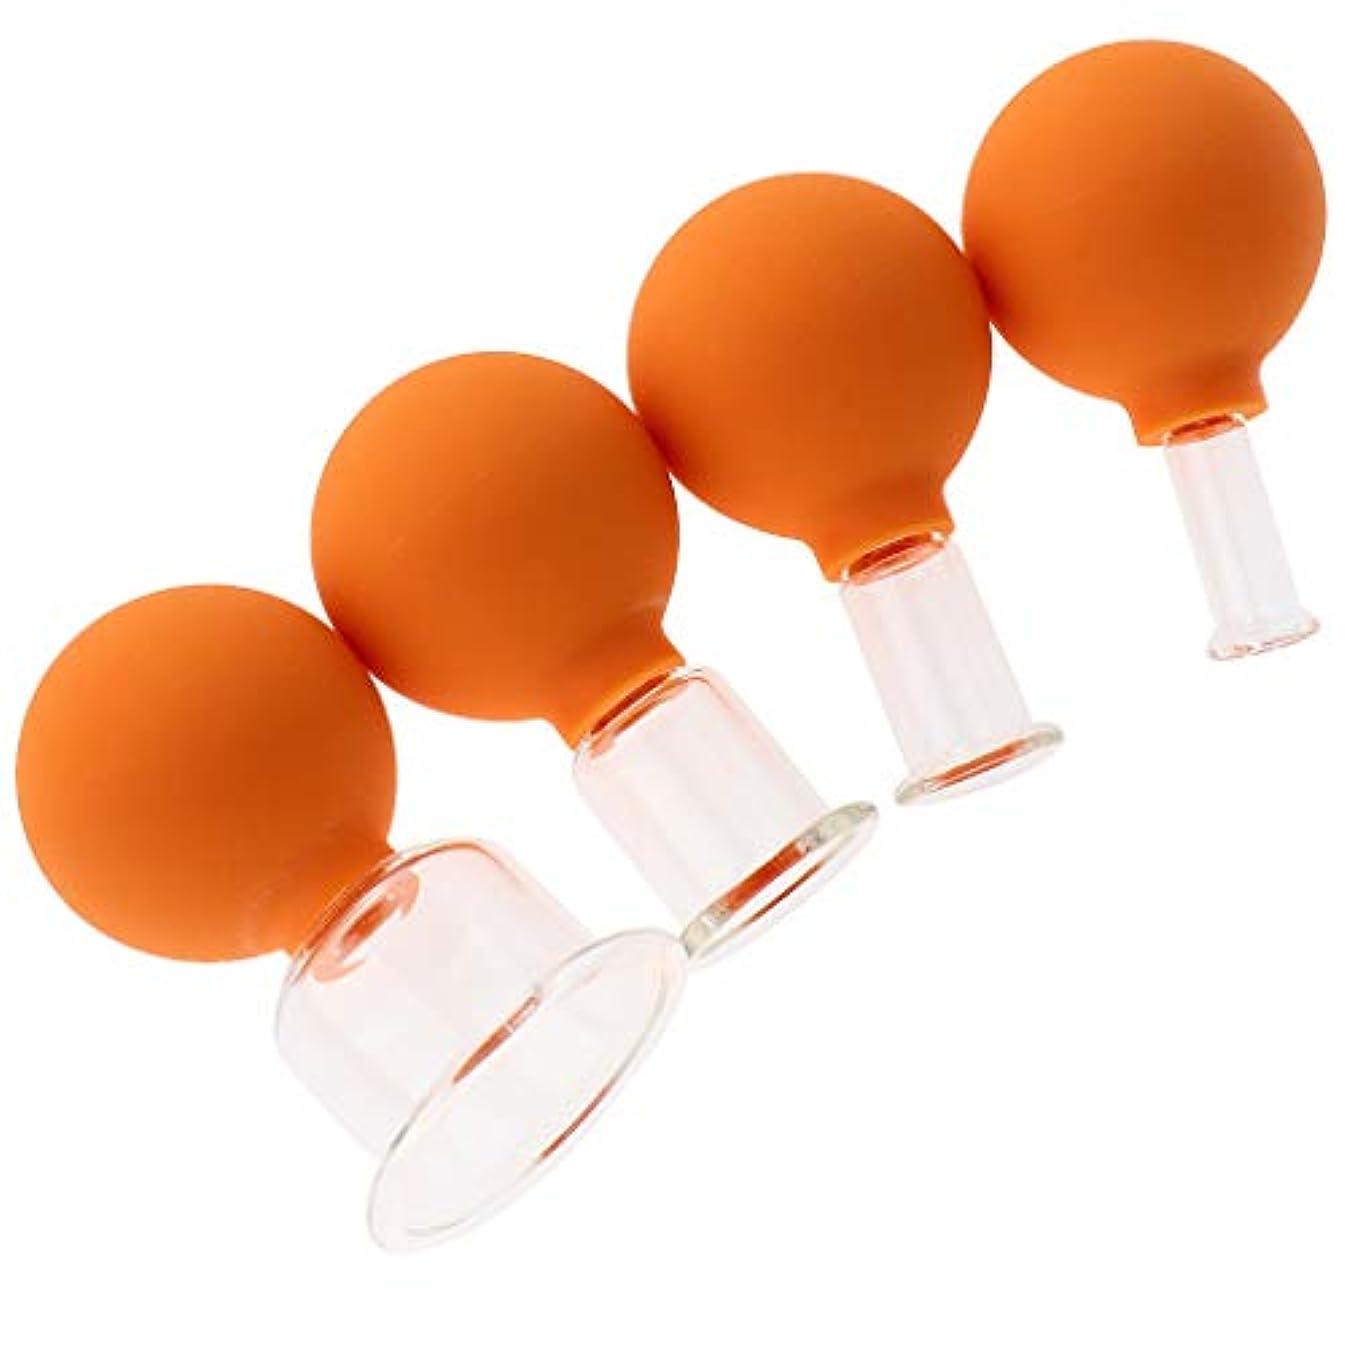 お世話になった縮約葉KESOTO 4個 マッサージ吸い玉 カッピングカップ ガラスカッピング 真空 男女兼用 実用的 全3色 - オレンジ